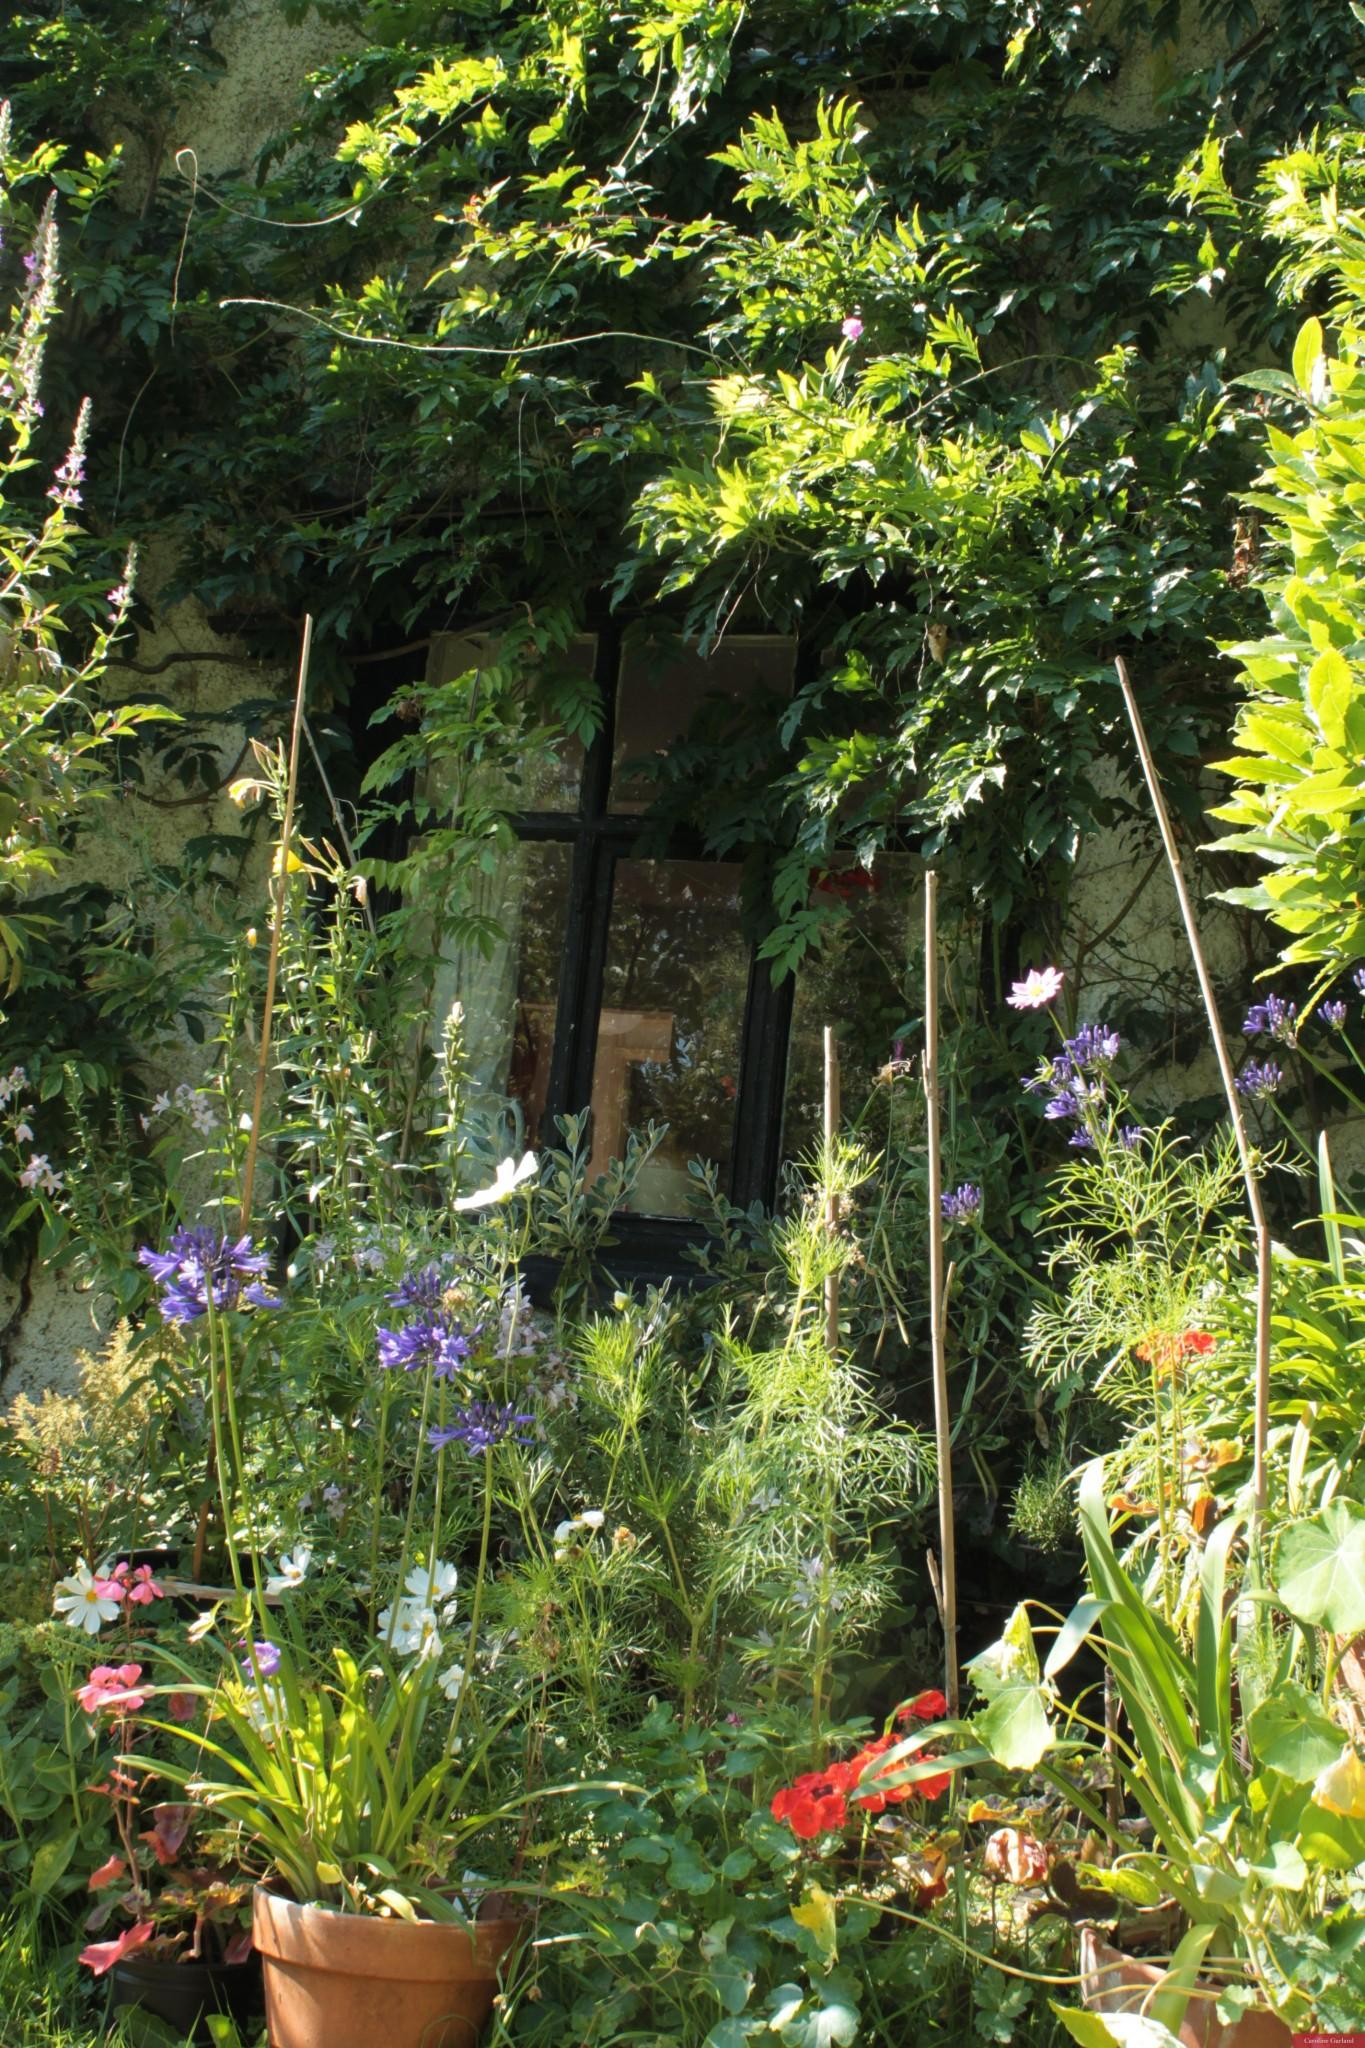 My favourite cottage garden